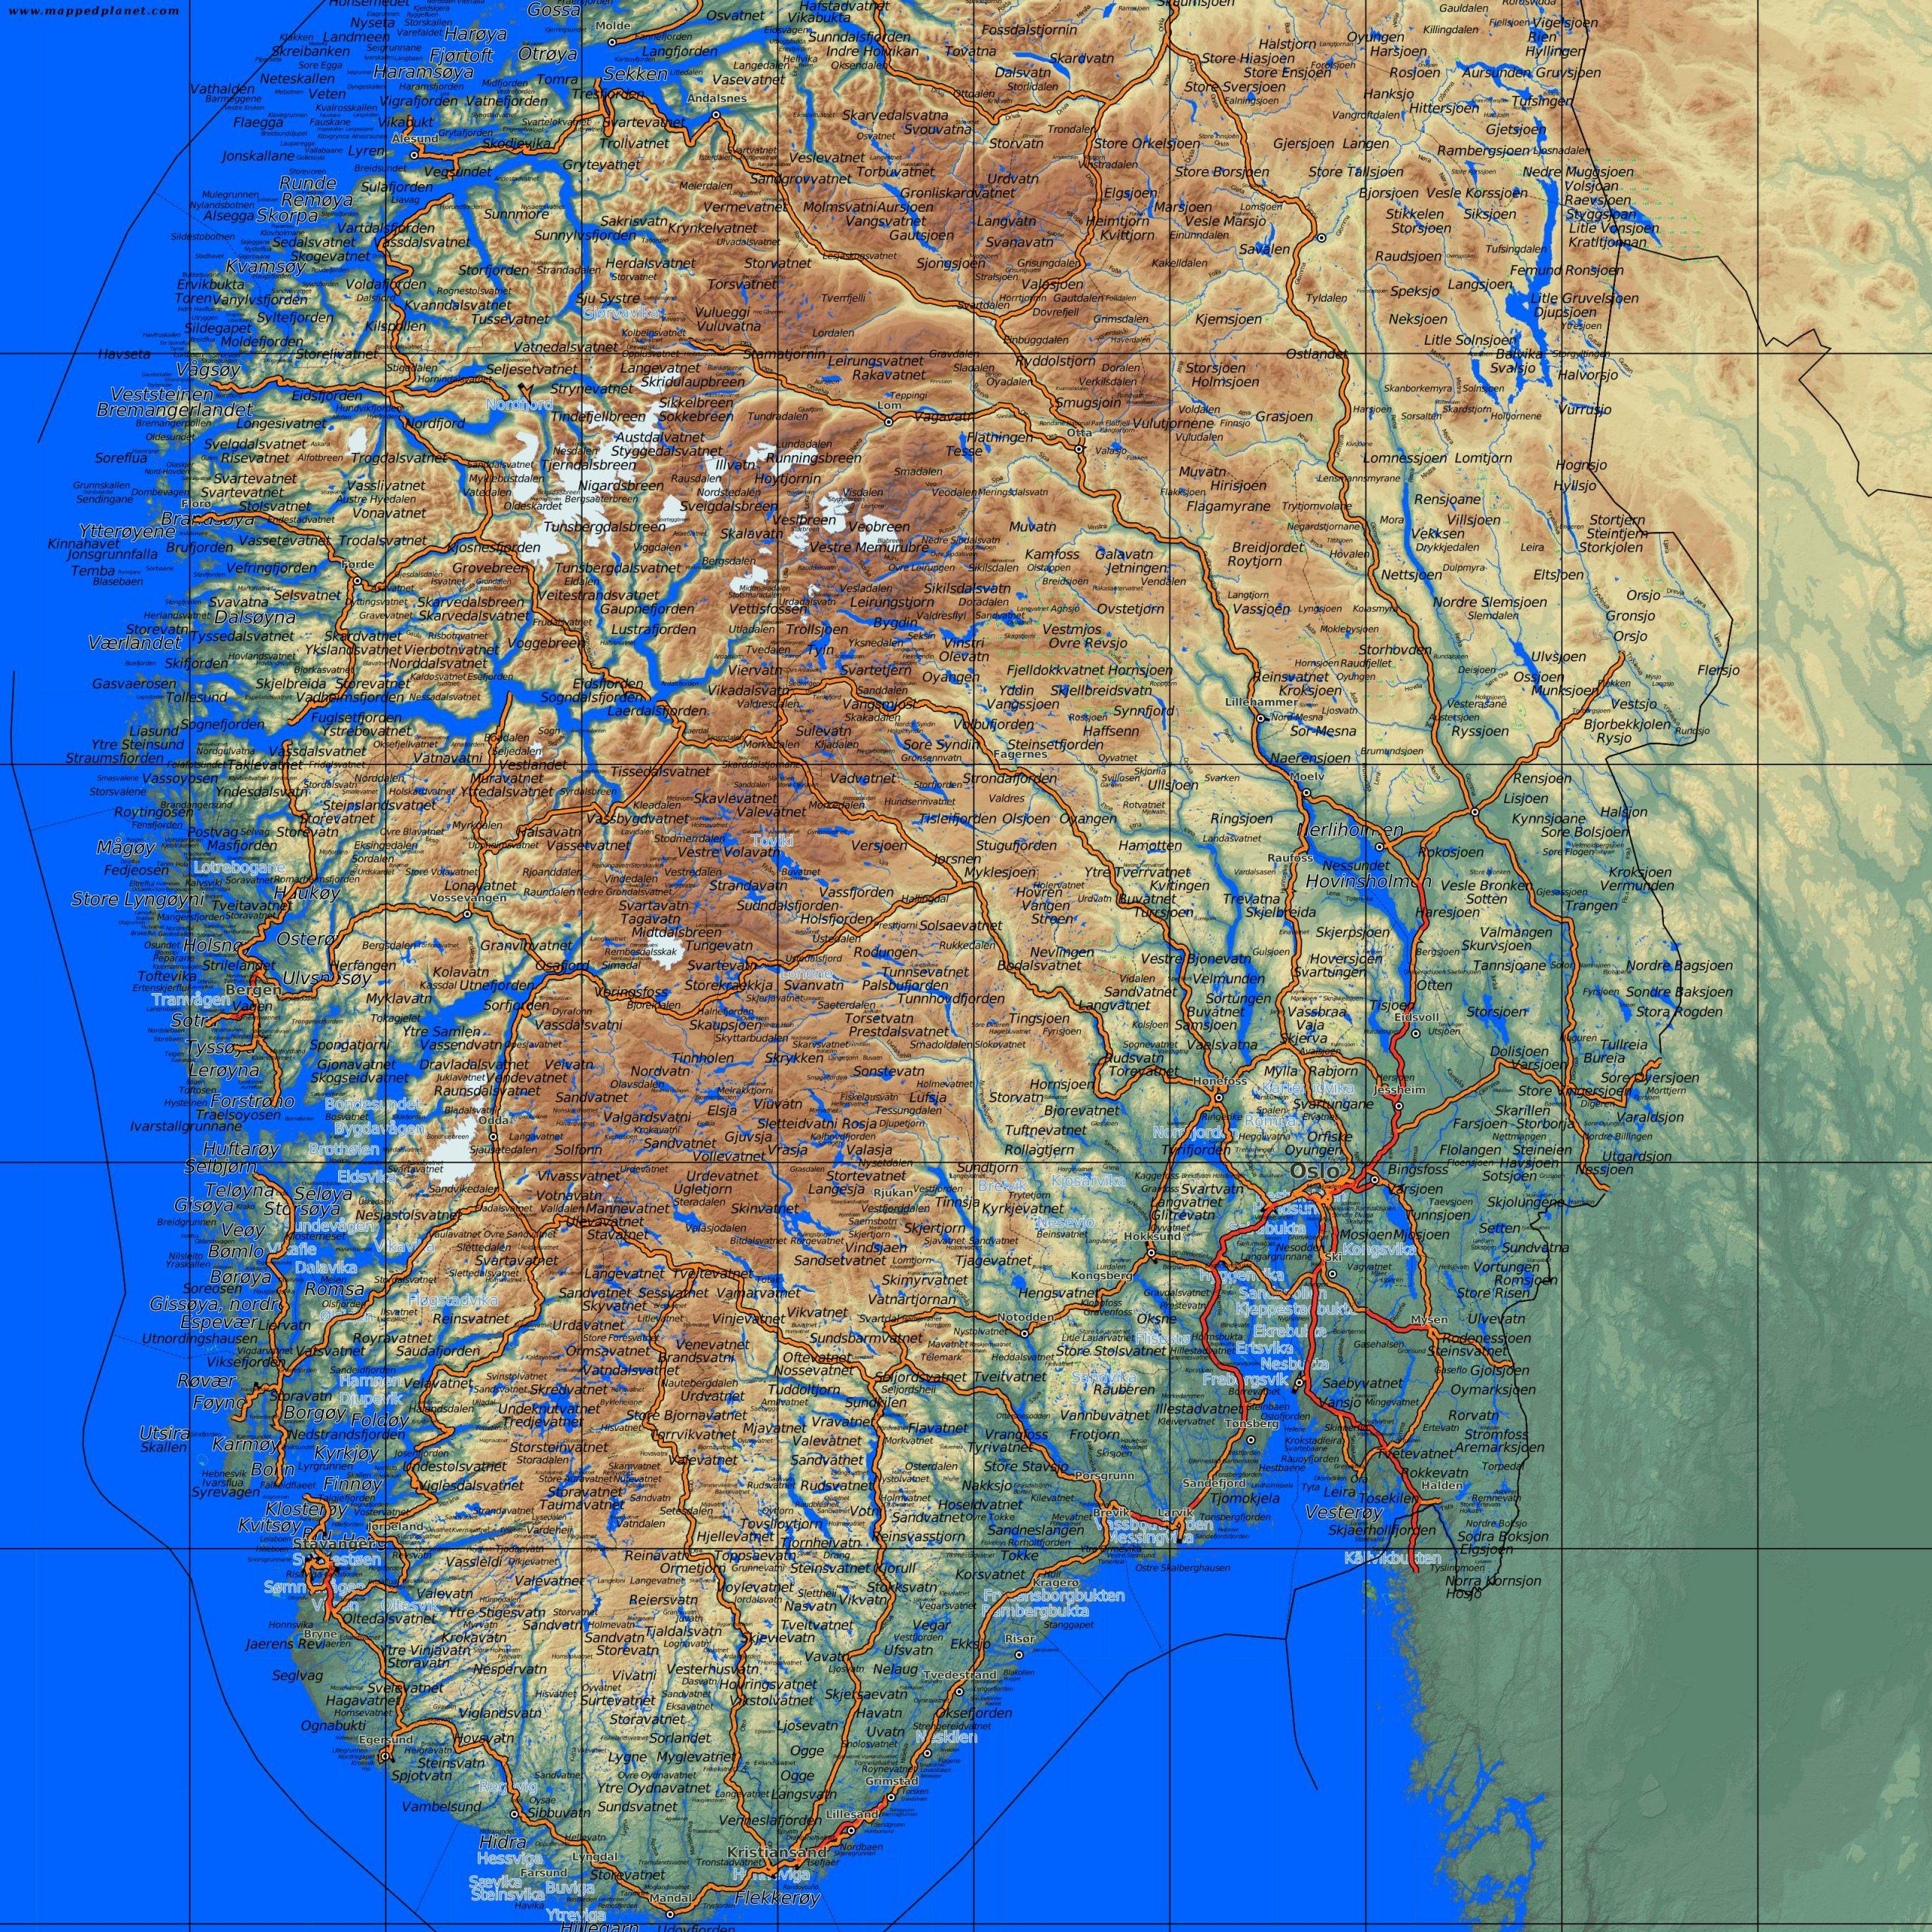 Carte Du Sud De La Norvège - Plan Détaillé Du Sud De La dedans Carte De L Europe Détaillée